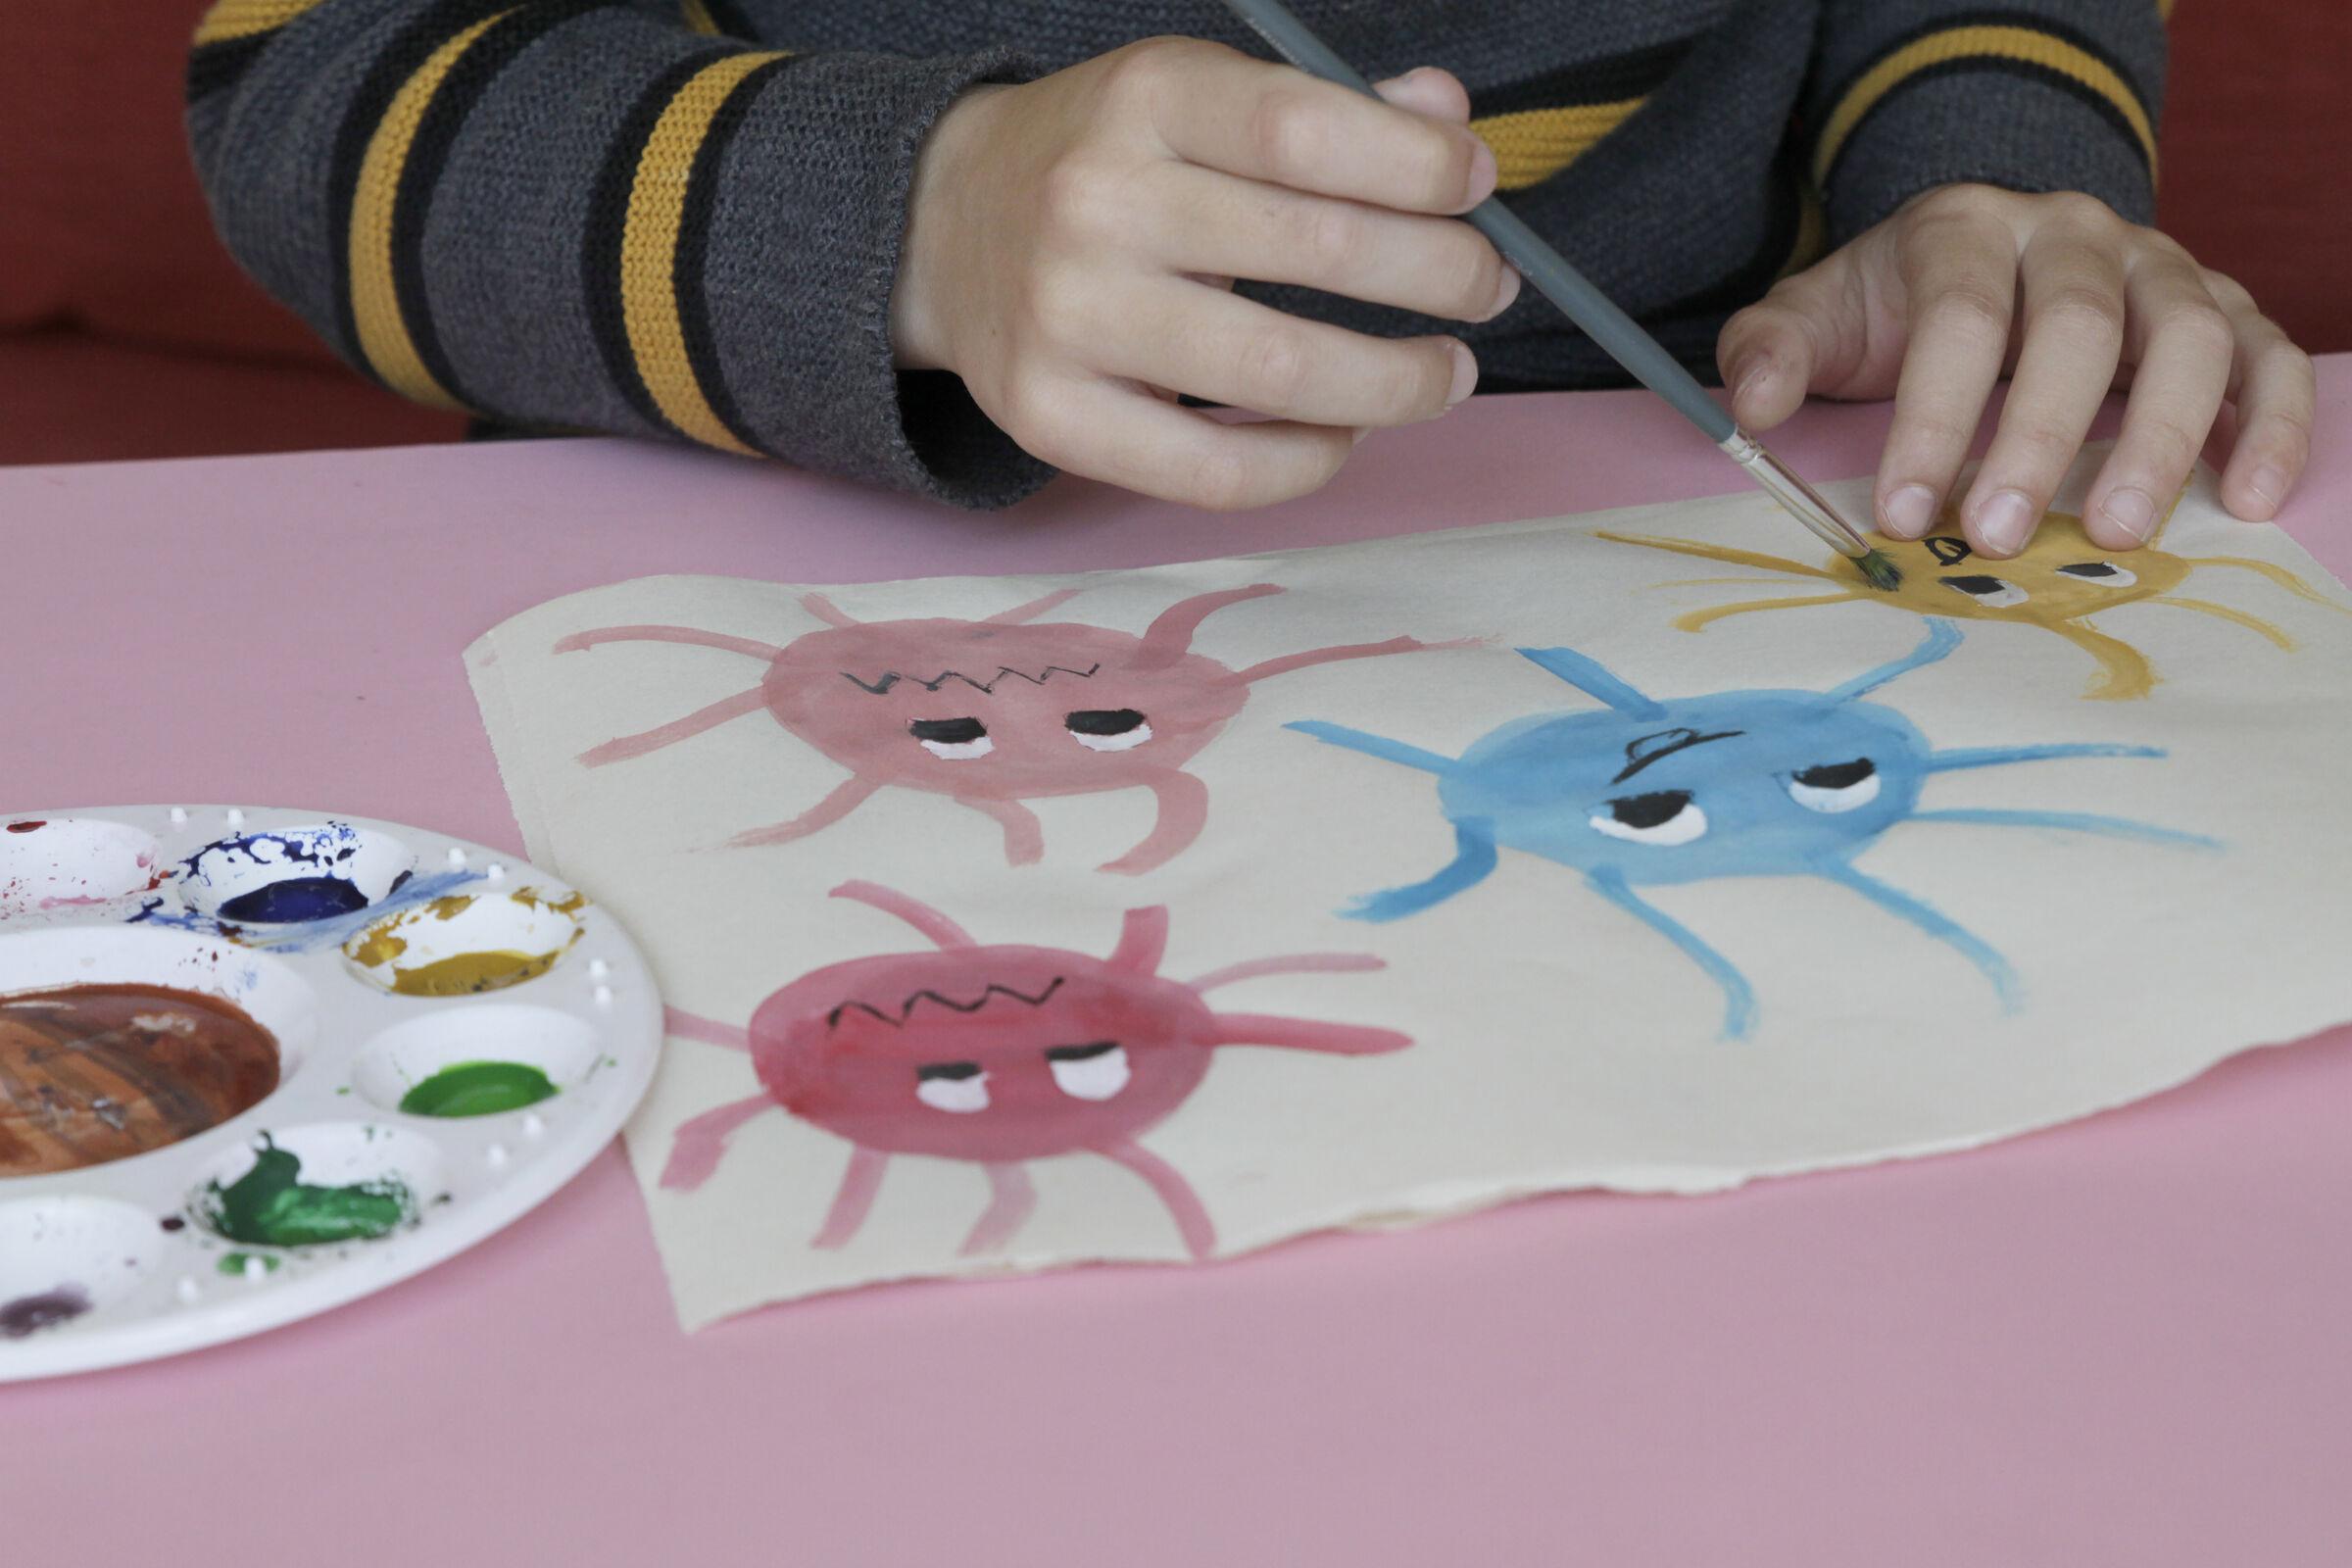 Garoto-pintando-desenhos-de-coronavirus